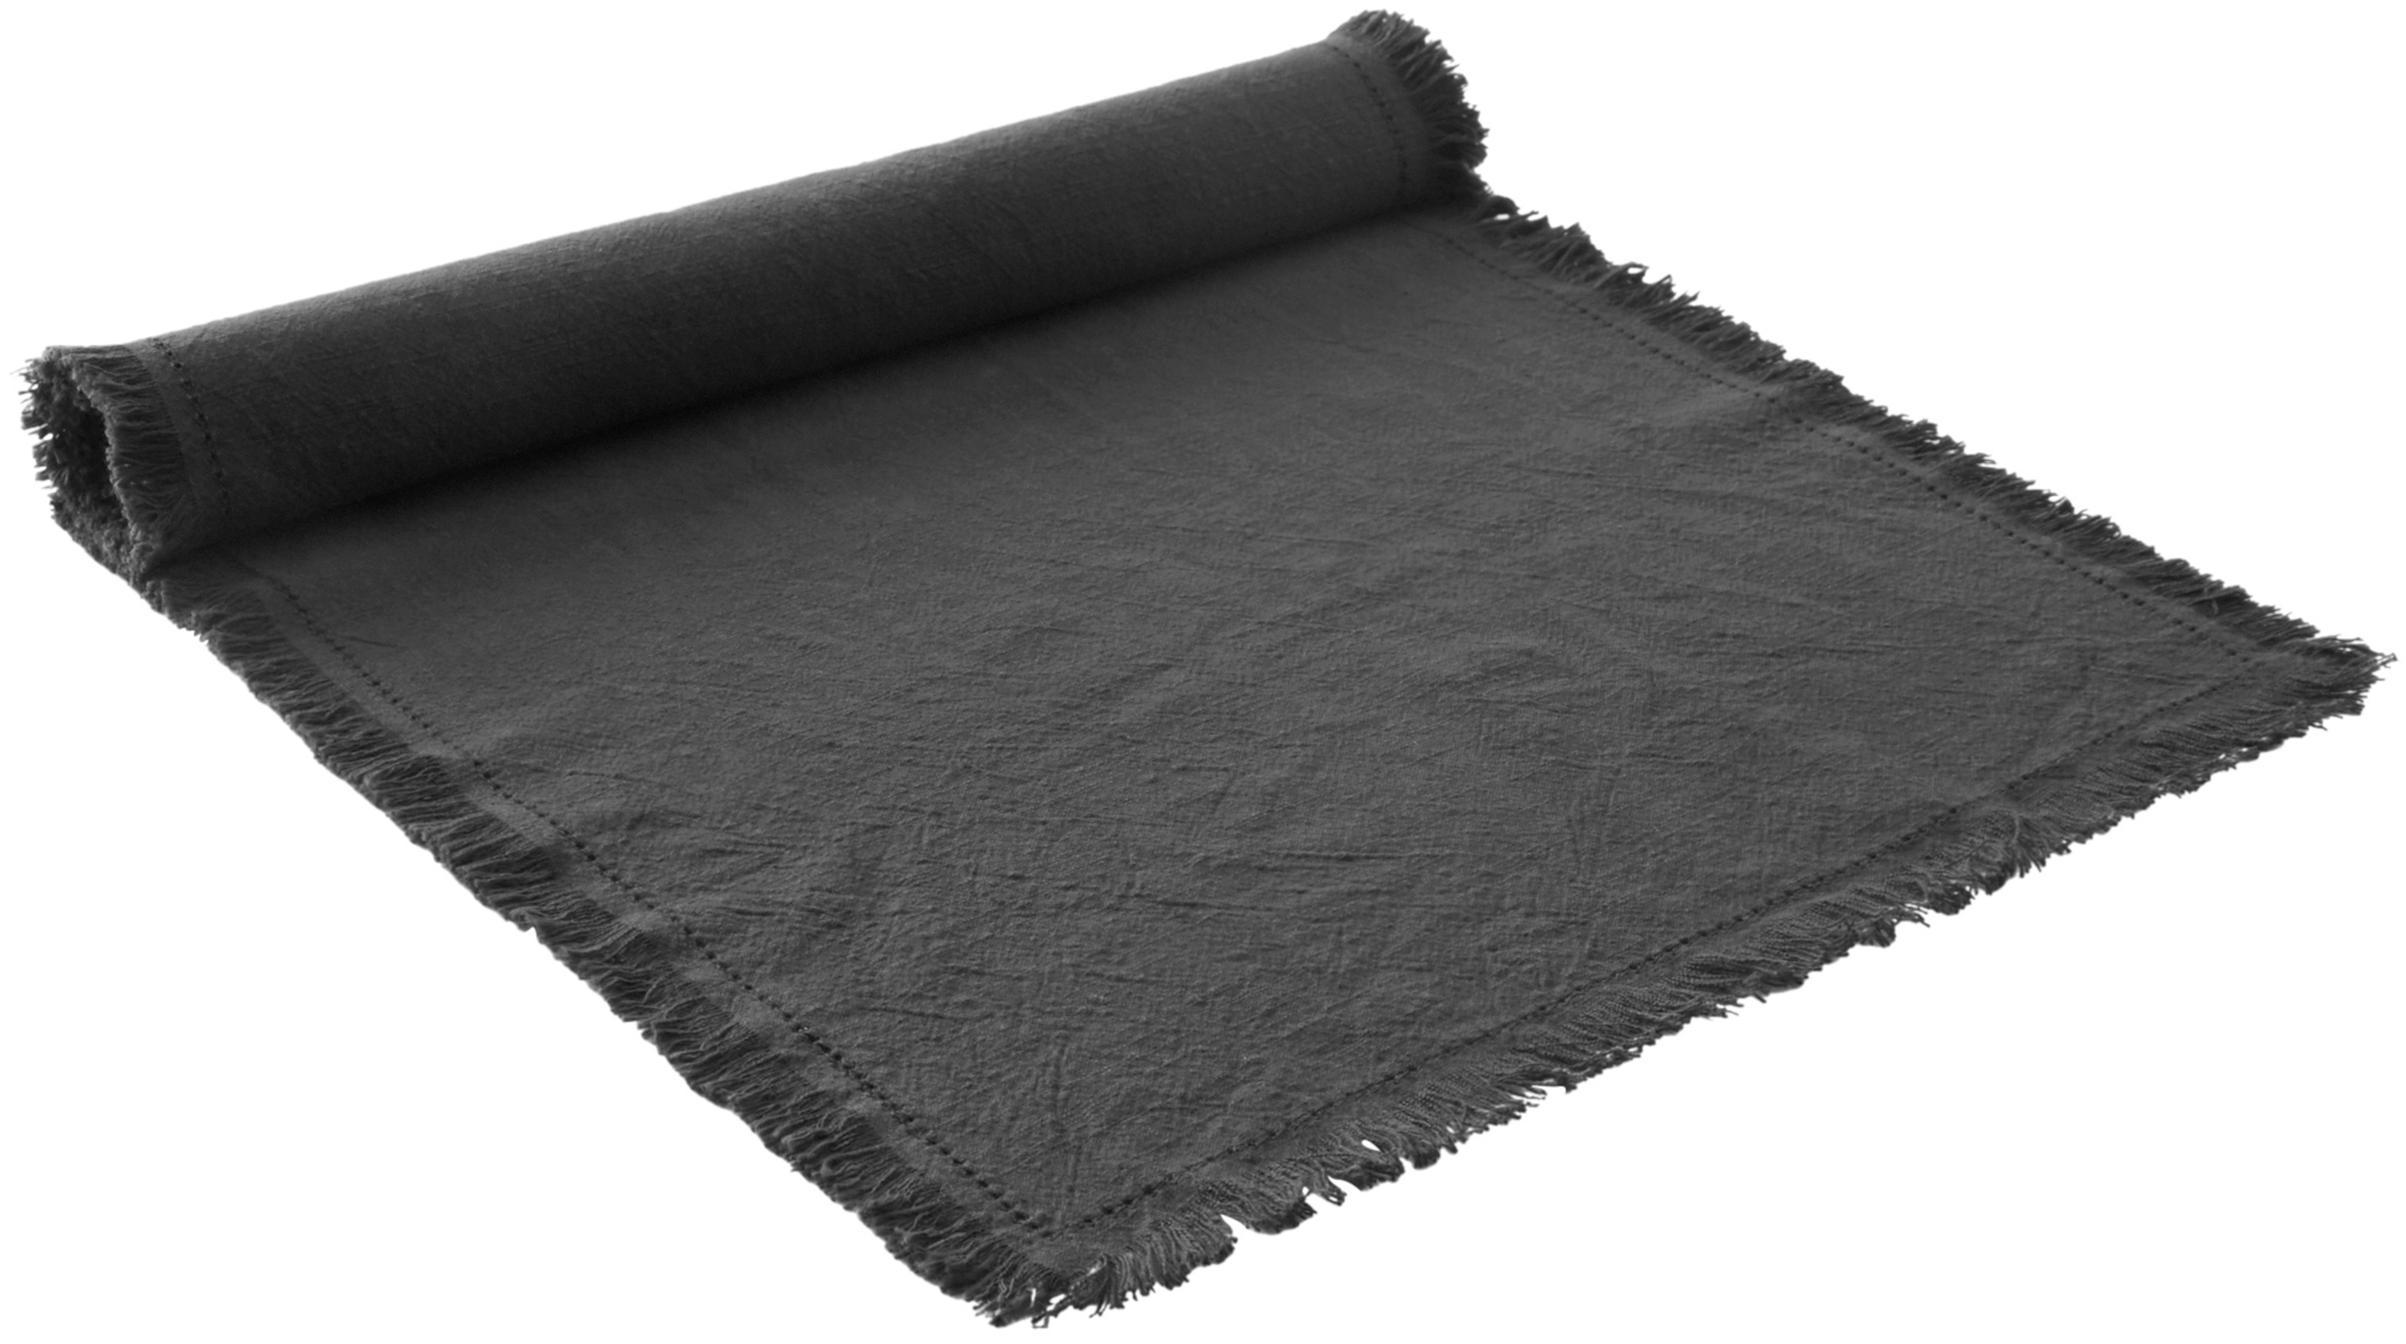 Bieżnik Hilma, 100% bawełna, Antracytowy, D 40 x S 140 cm